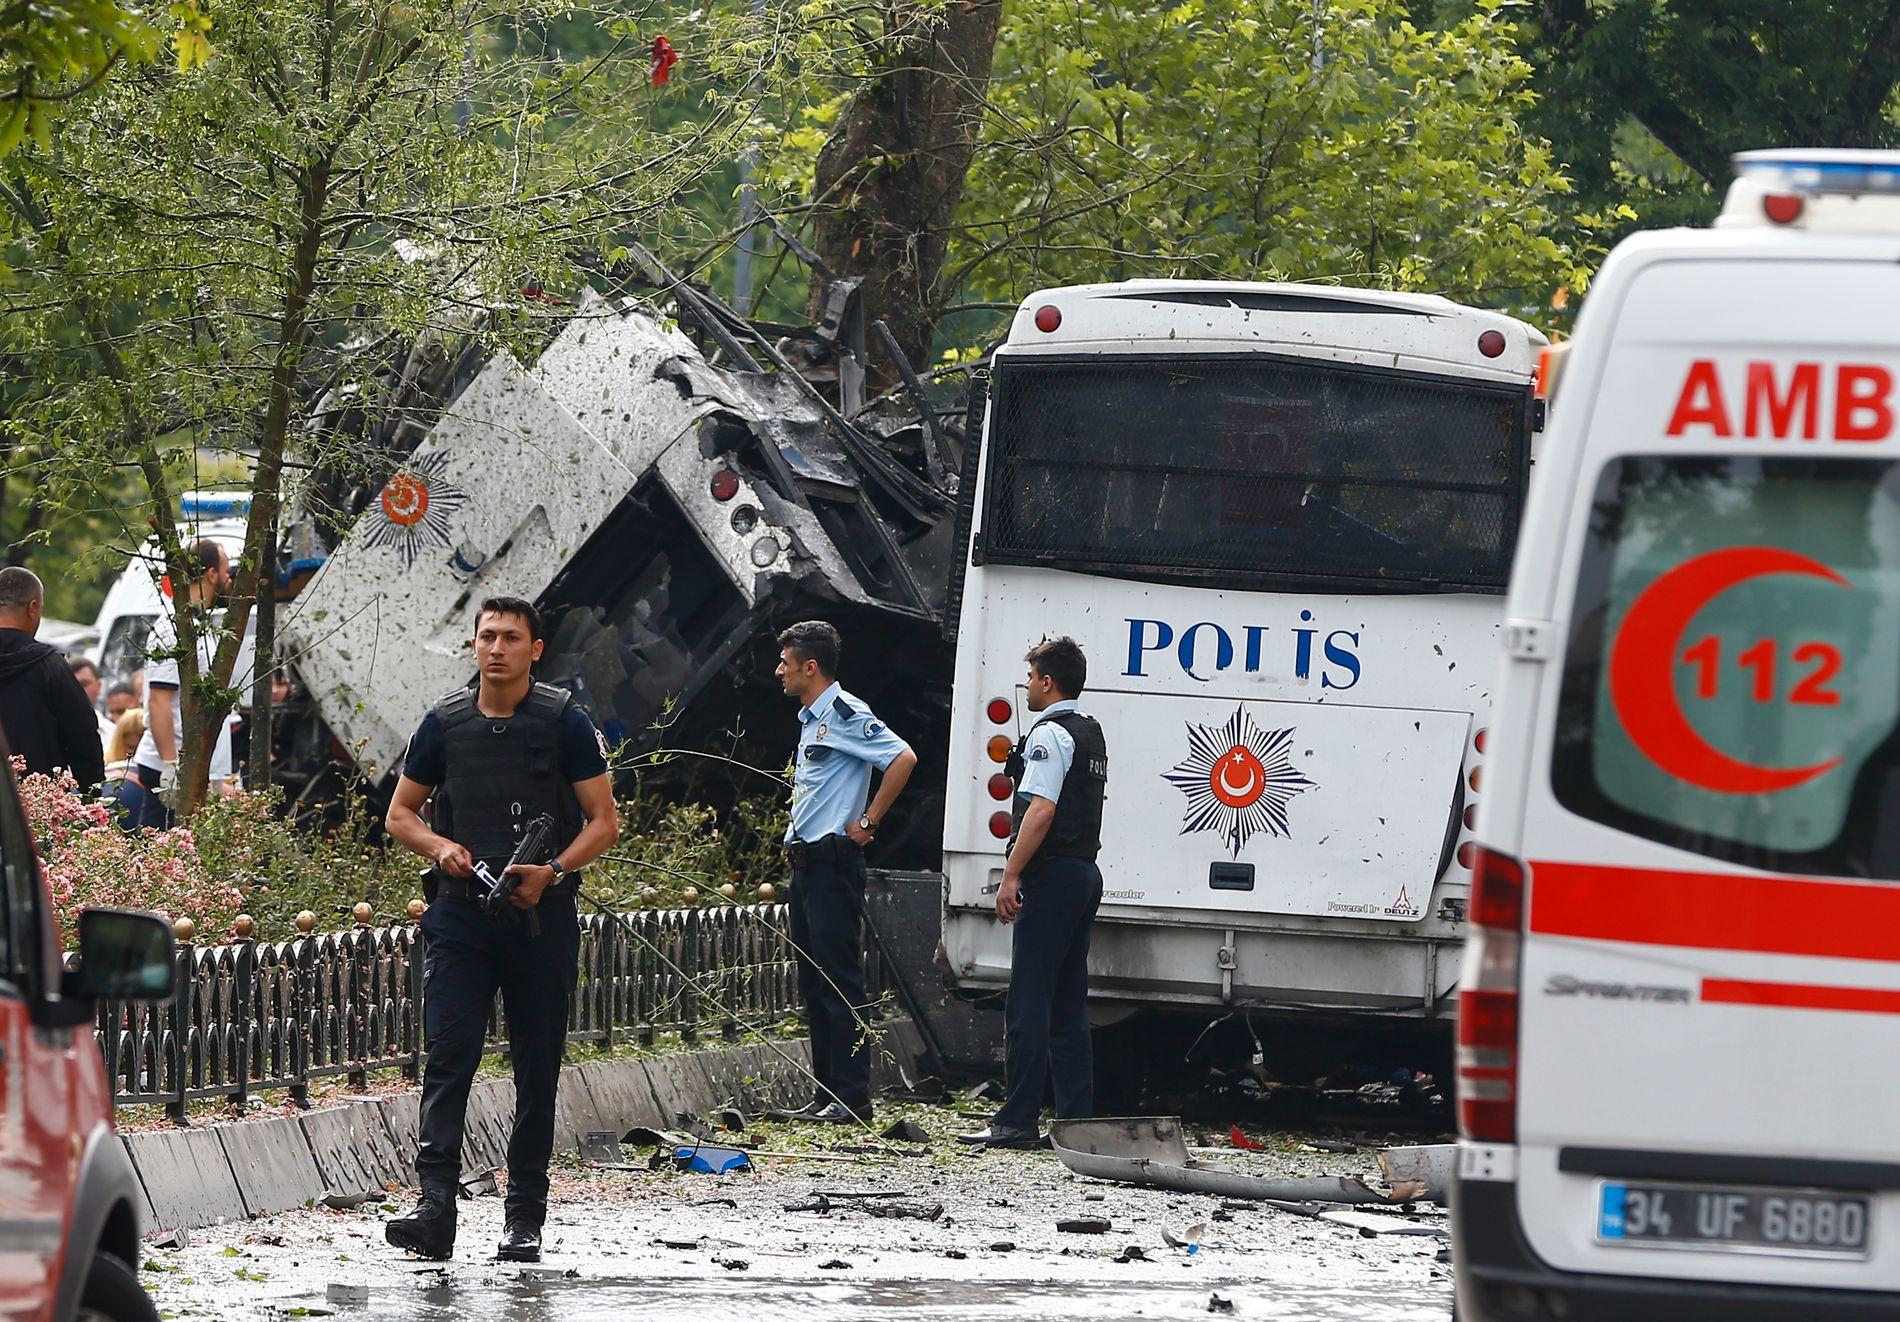 TERRORANGREP: 7. juni gikk det av en bilbombe i et turistområde i Istanbul, rettet mot en buss med politimenn. 11 personer døde. Kurdistans frihetsfalker (TAK), en radikal utbrytergruppe fra PKK-geriljaen, tok fredag på seg ansvaret.